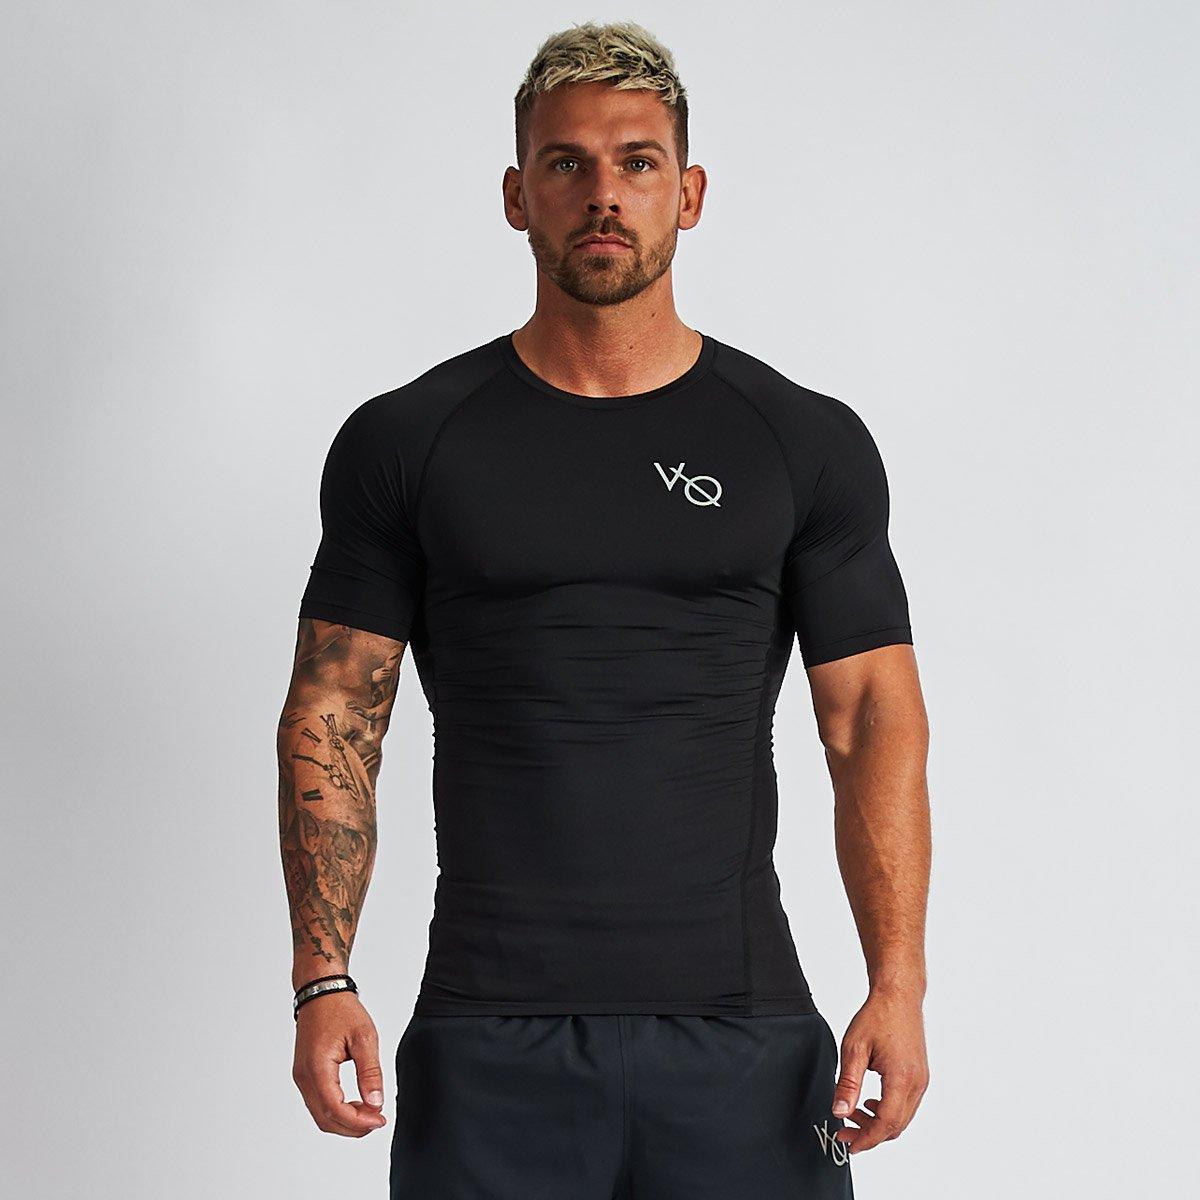 VANQUISH FITNES INTENSITY(インテンシティ) Tシャツ